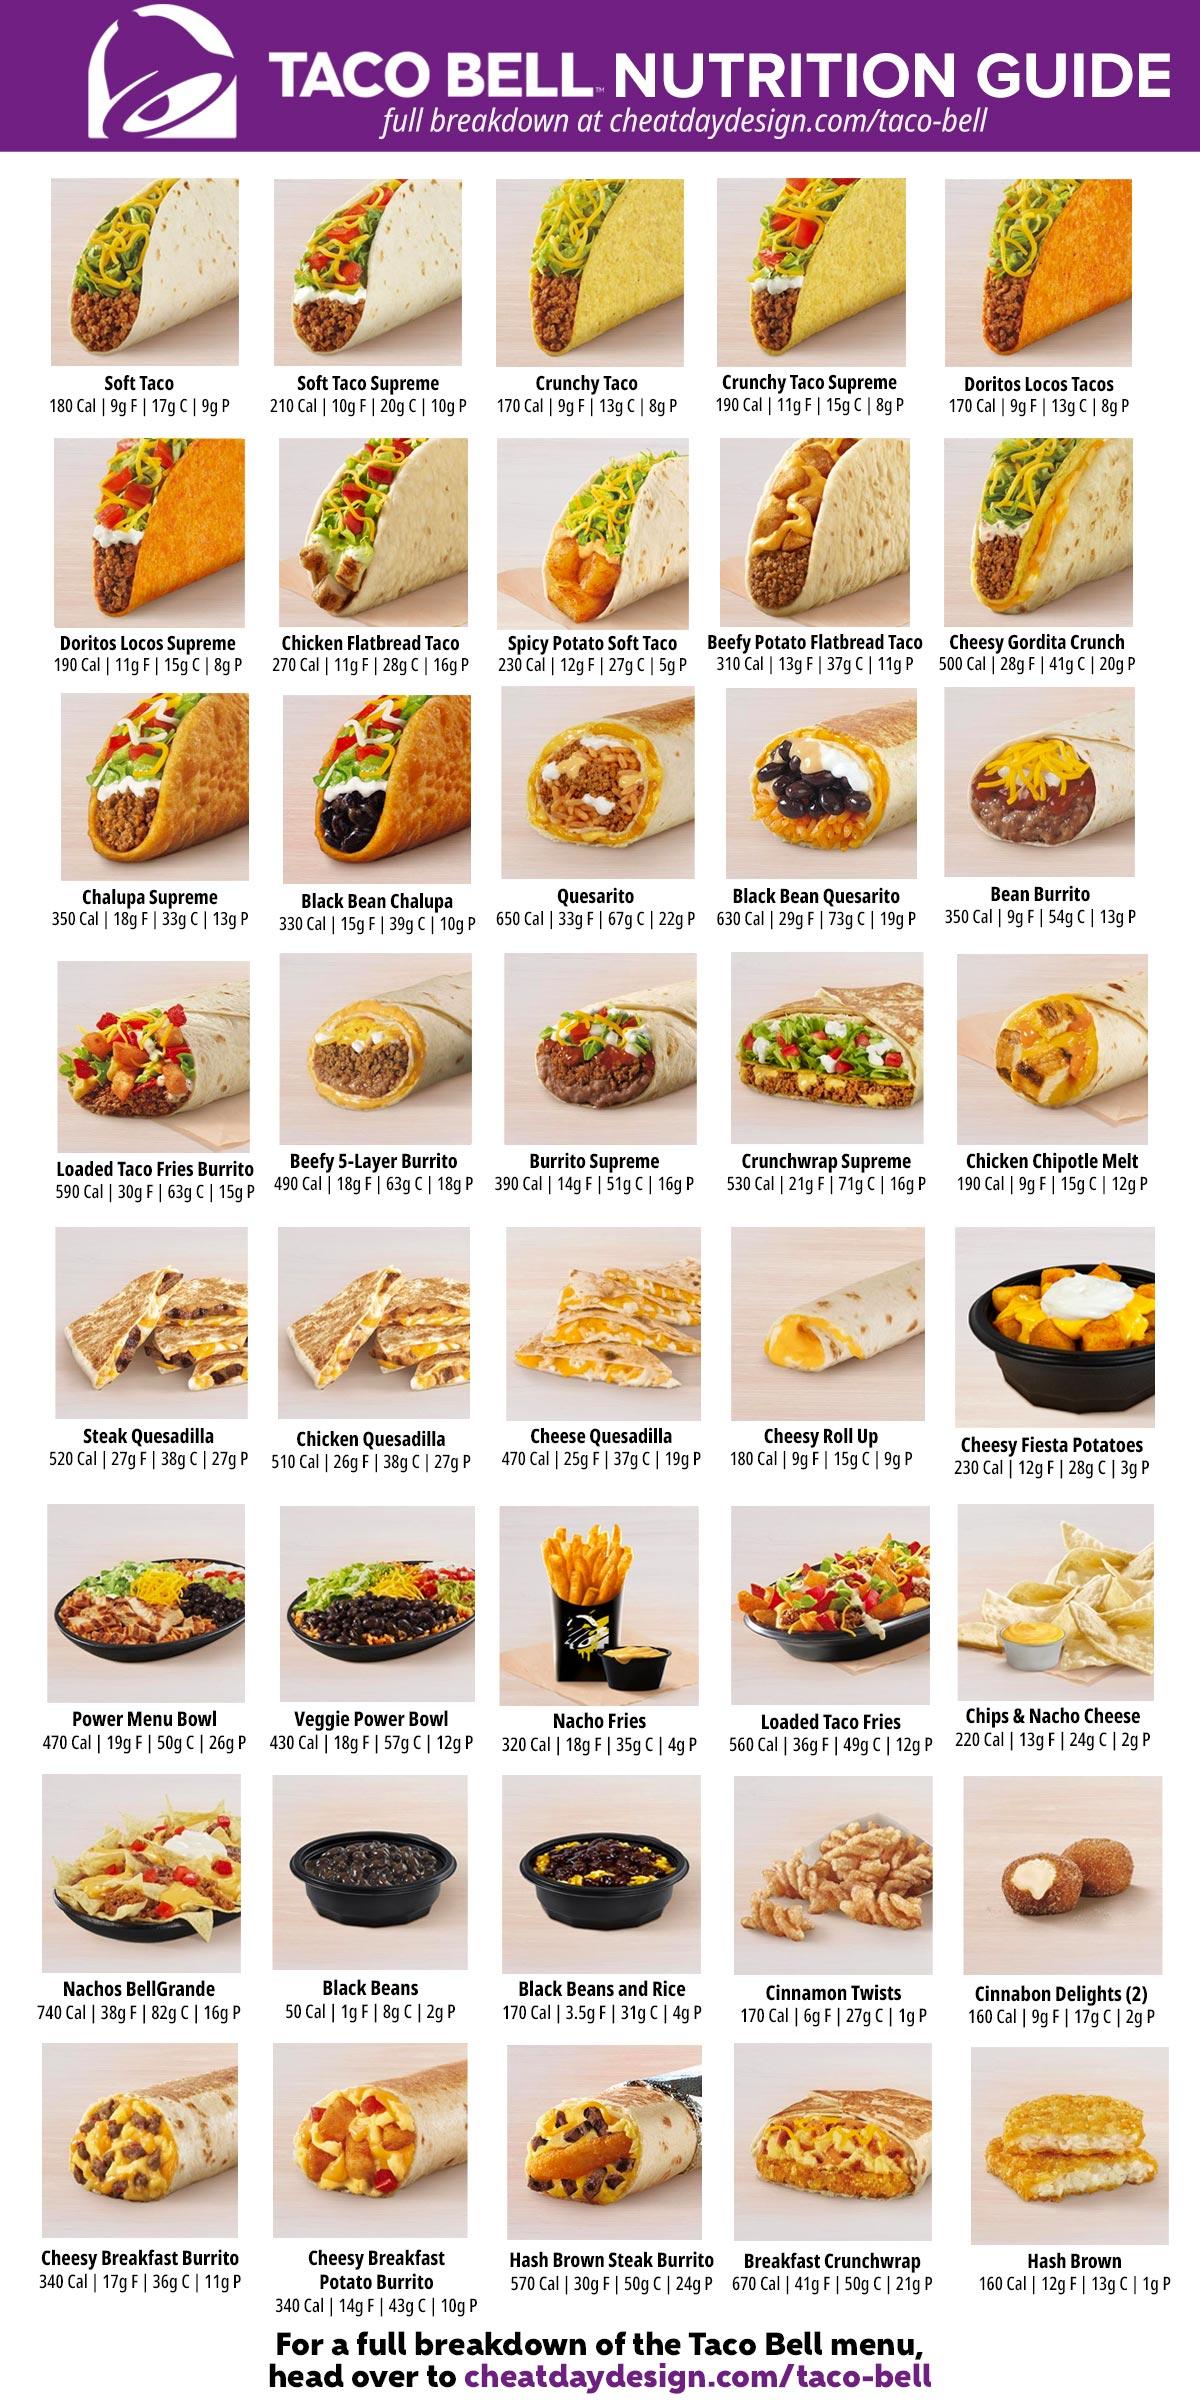 Taco Bell Full Menu Nutrition